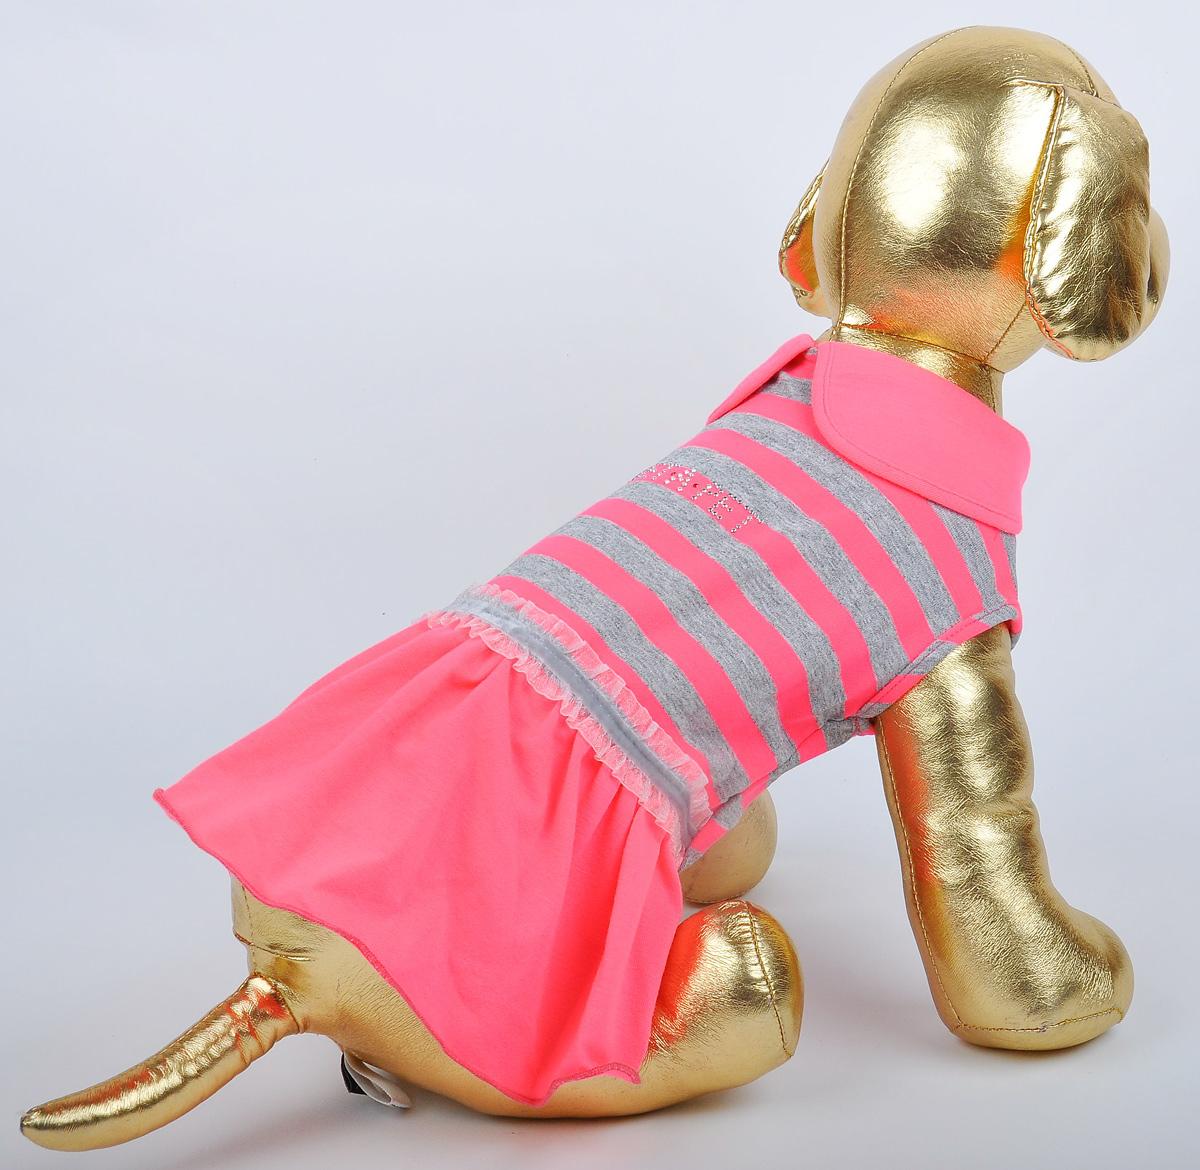 Платье для собак GLG Фэшн Ультра. Размер S0120710Платье для собак GLG Фэшн Ультра выполнено из вискозы. Рукава не ограничивают свободу движений, и собачка будет чувствовать себя в нем комфортно. Изделие застегивается с помощью кнопок..Модное и невероятно удобное платье защитит вашего питомца от пыли и насекомых на улице, согреет дома или на даче. Длина спины: 23-25 см Обхват груди: 31-33 см.Платье для собак Фэшн Ультра, цвет розовый, материал- вискоза х/б, размер-S, длина спины23-25см, объем груди-31-33см.